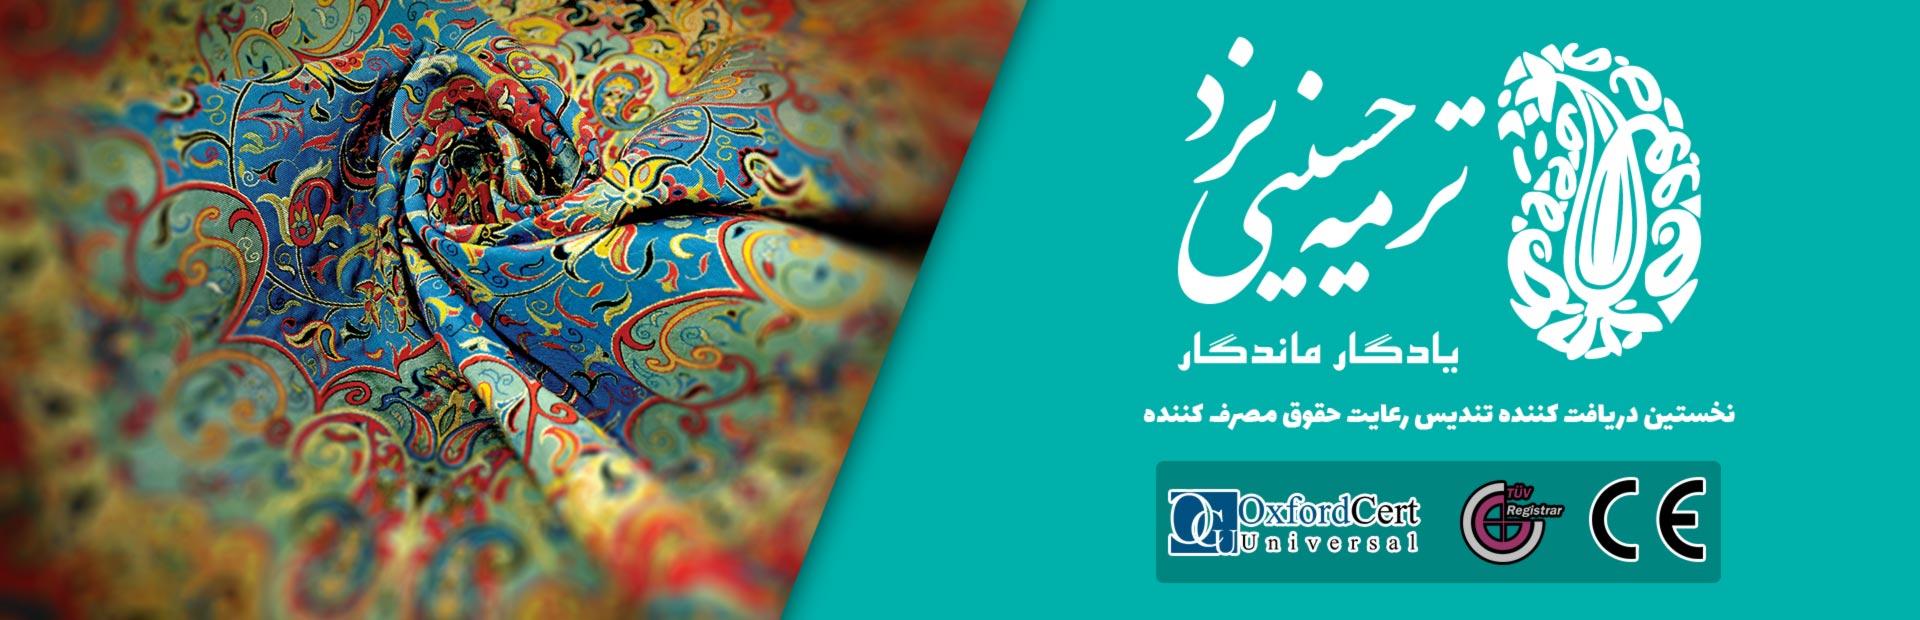 فروشگاه اینترنتی ترمه حسینی یزد